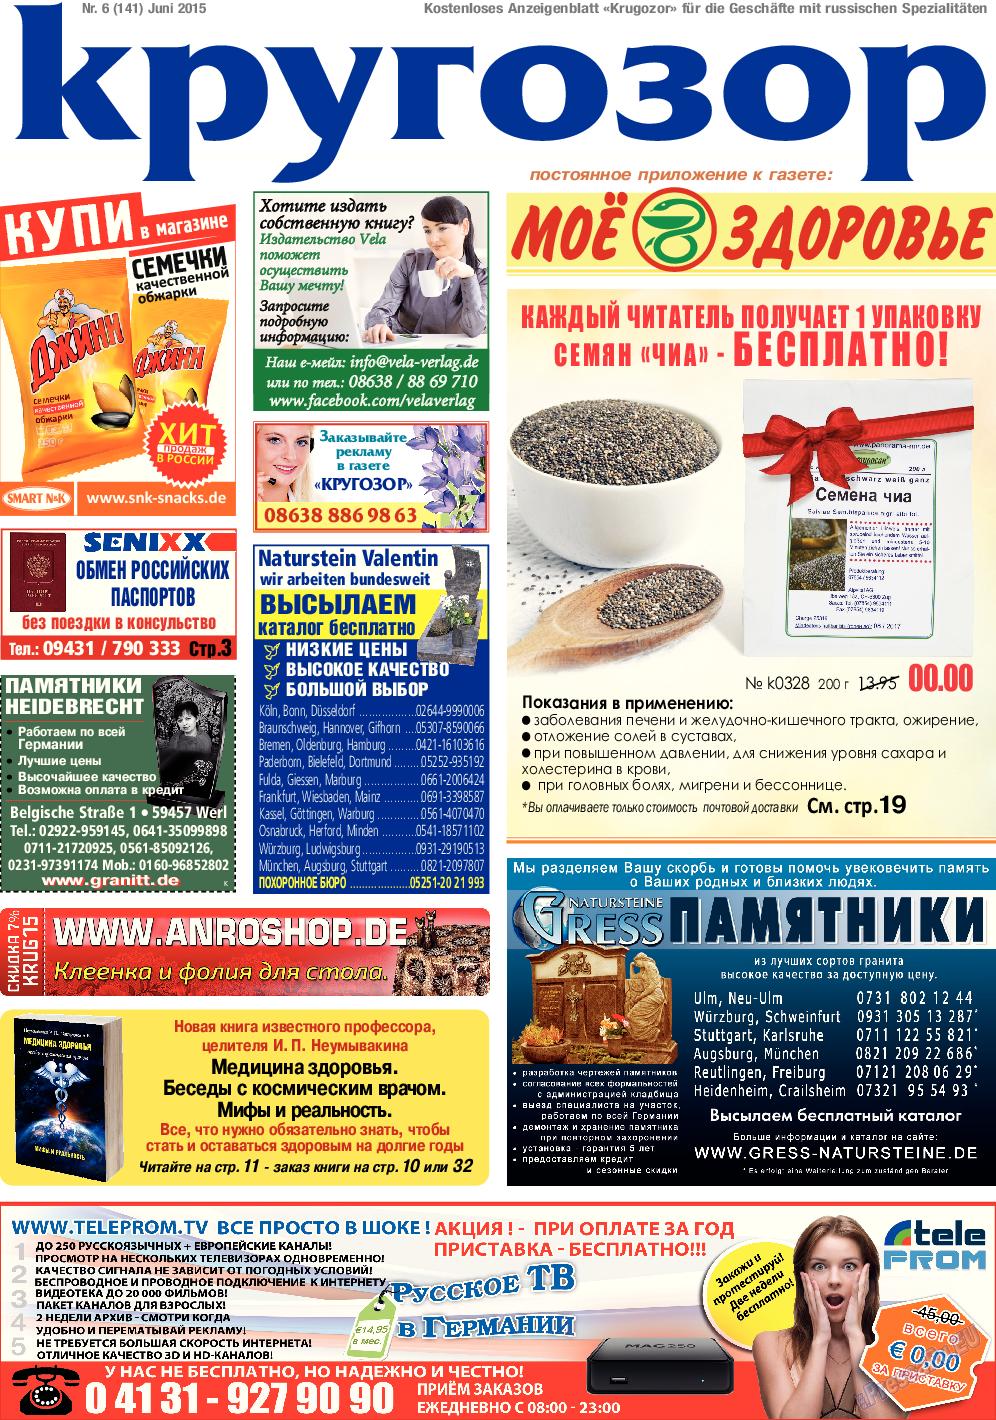 Кругозор (газета). 2015 год, номер 6, стр. 1